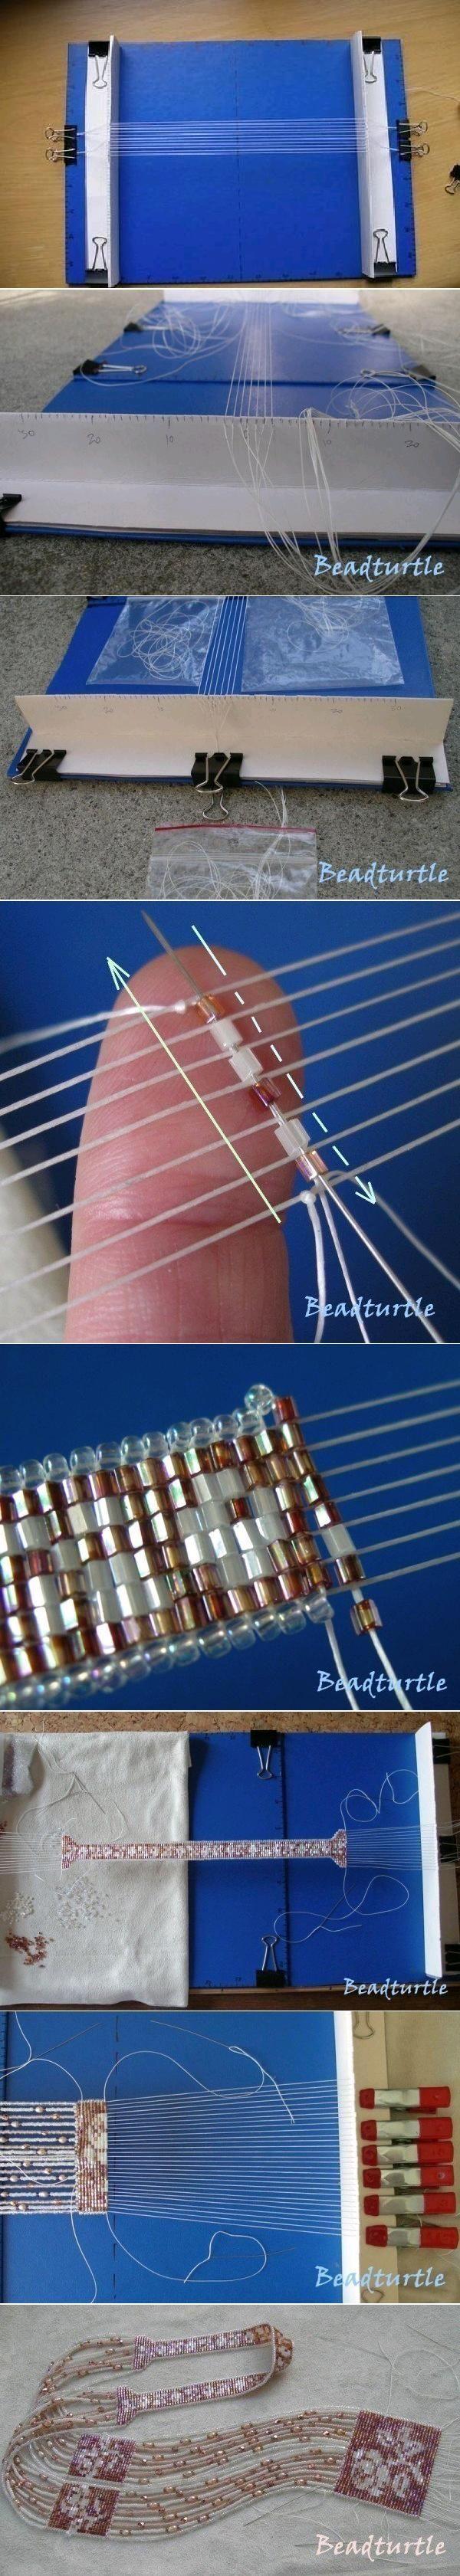 Diese Idee von Beadturtle für einen schnell auf- und abgebauten, leicht umzusetzenden Perlen-Webrahmen ist wirklich mal eine gute!